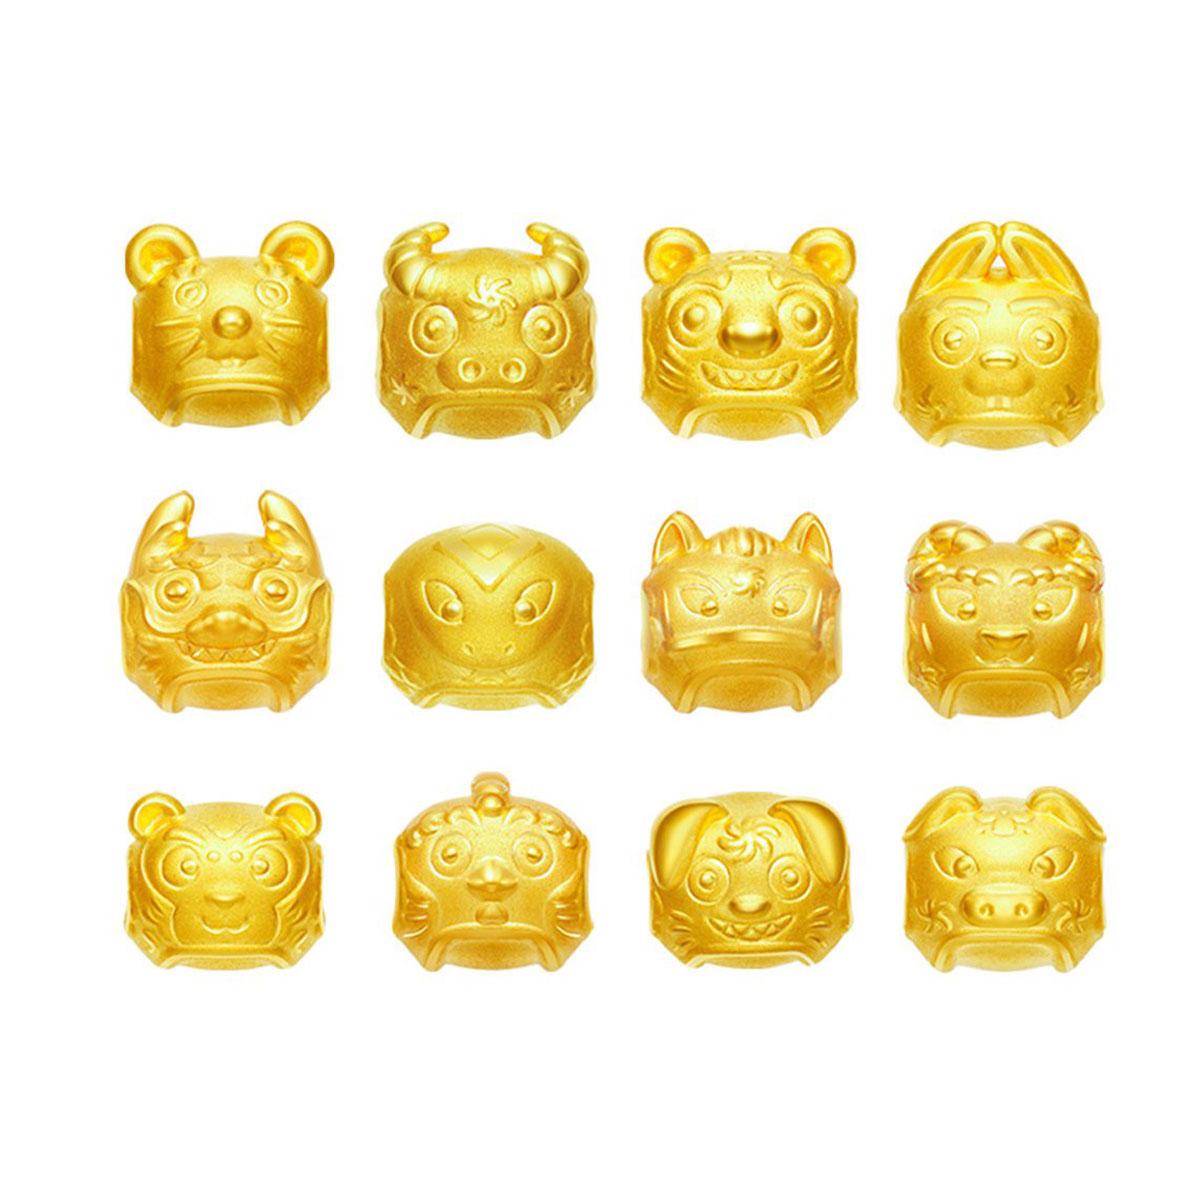 明牌珠宝明牌 足金3D硬金福年十二生肖手串定价AFP0081-V